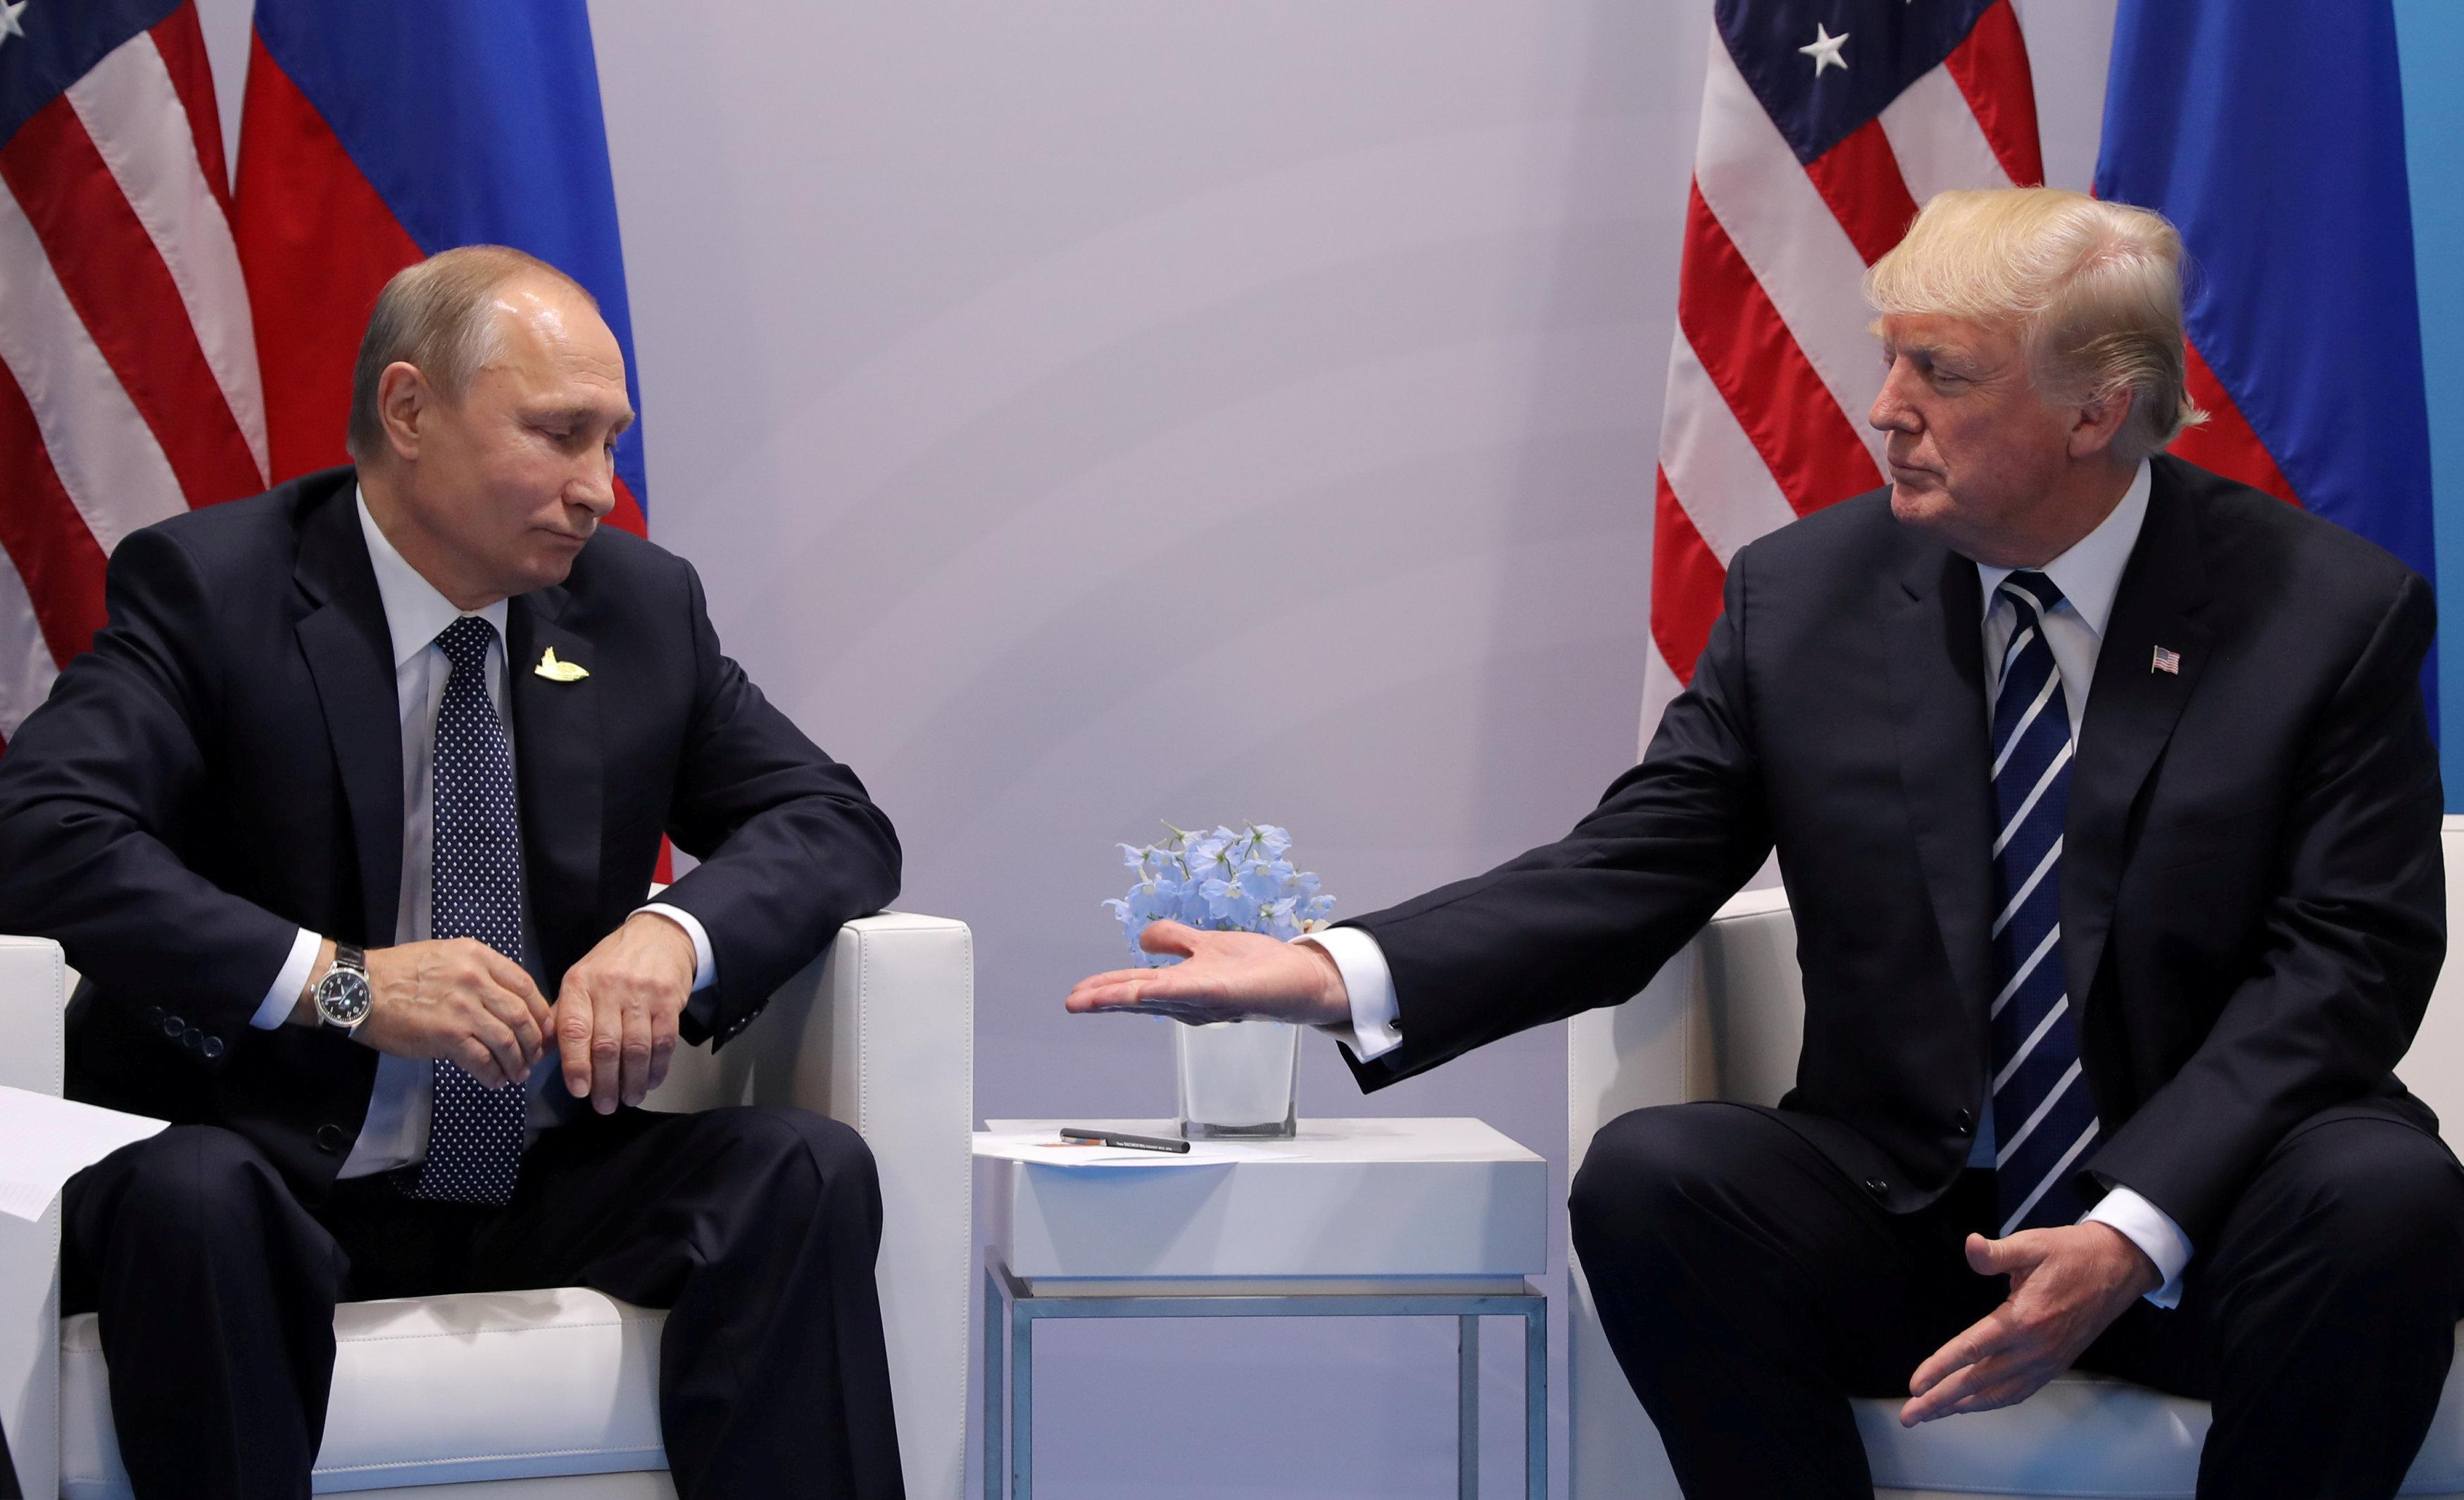 Κρεμλίνο: Πιθανή η συνάντηση Πούτιν-Τραμπ στη